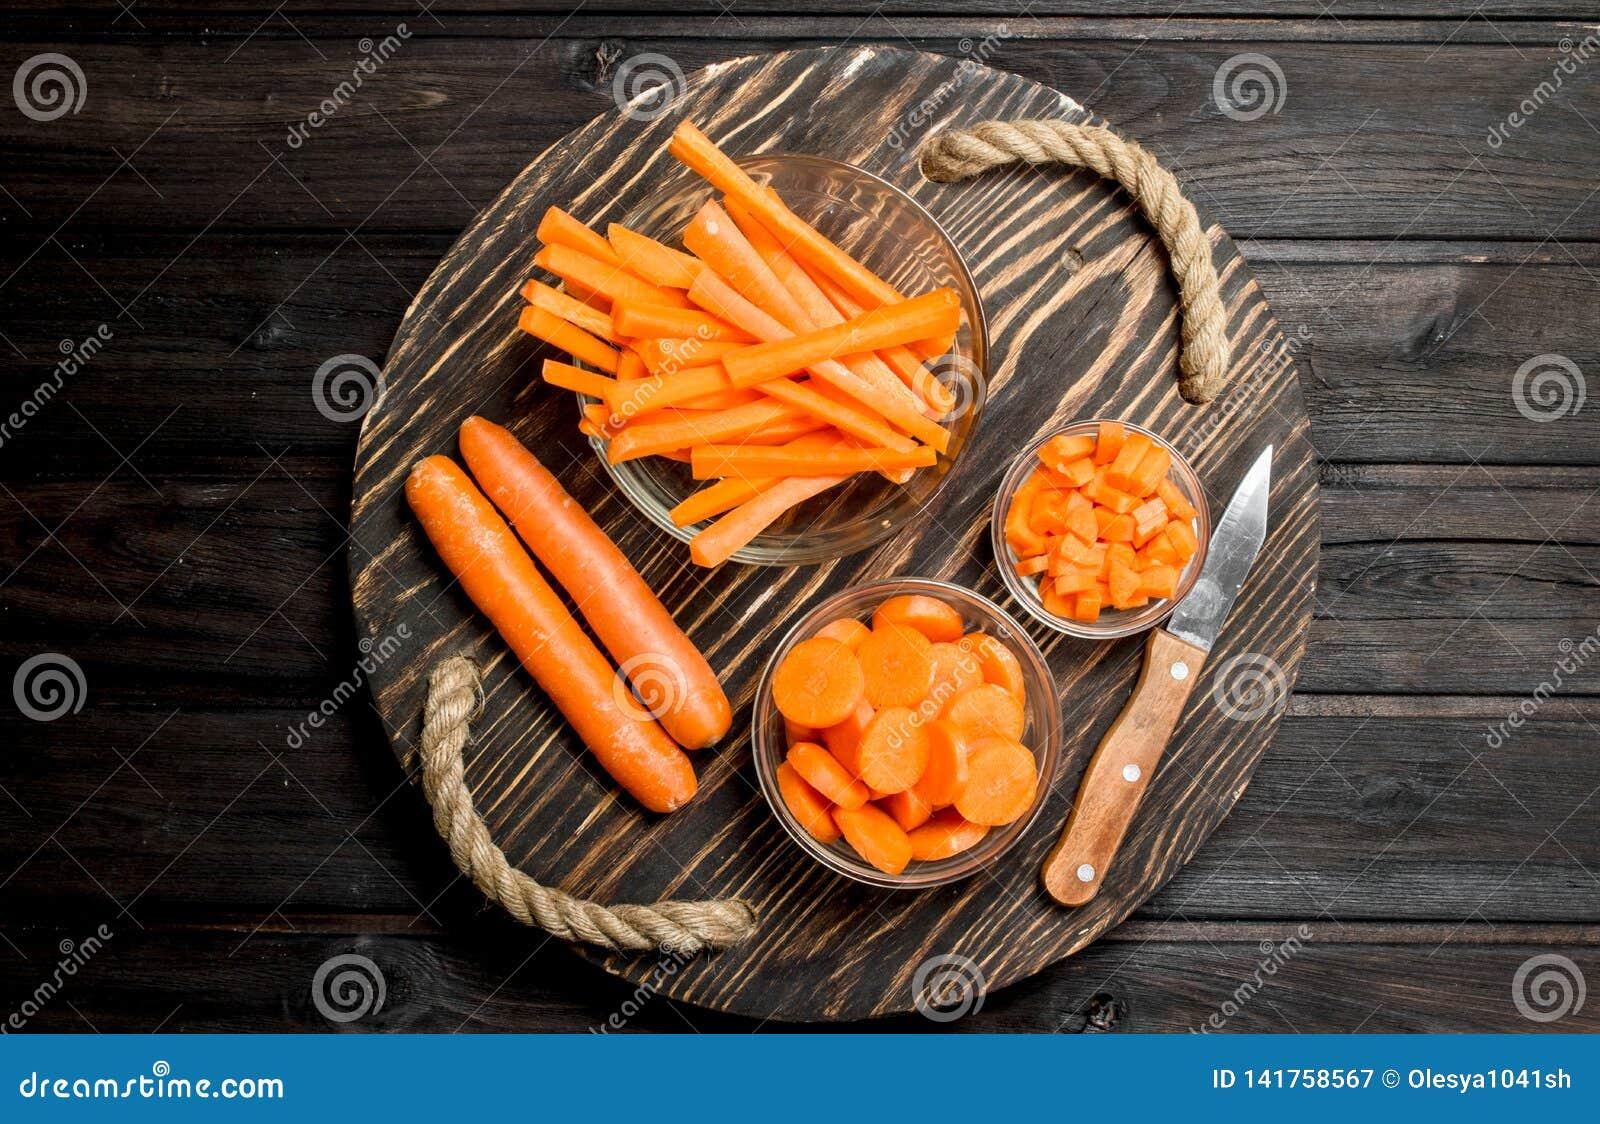 Cenouras frescas em uma placa de corte com uma faca